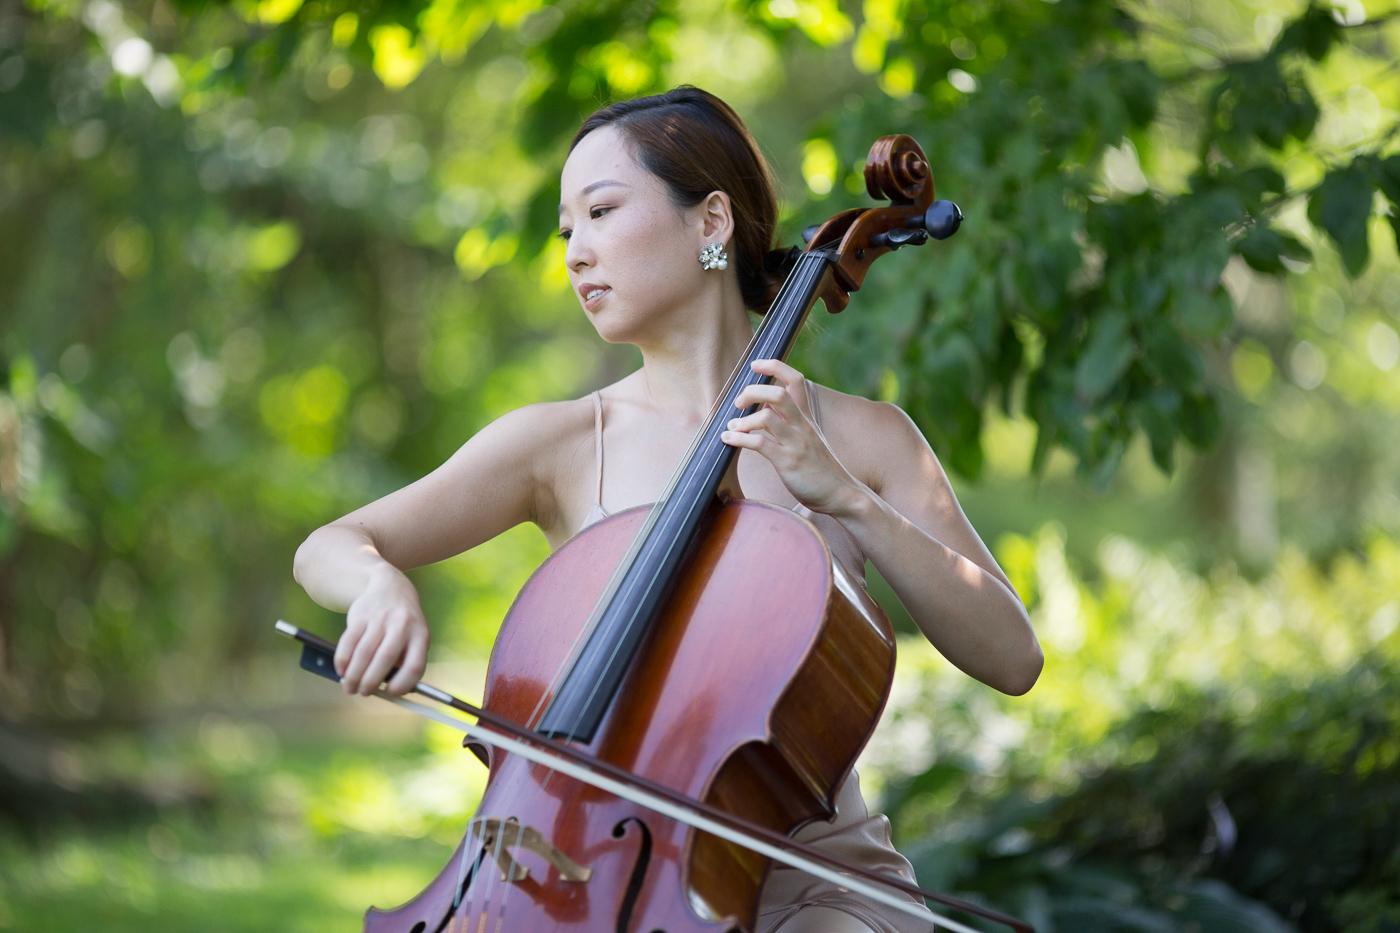 Kumhee_Lee-Cellist-17